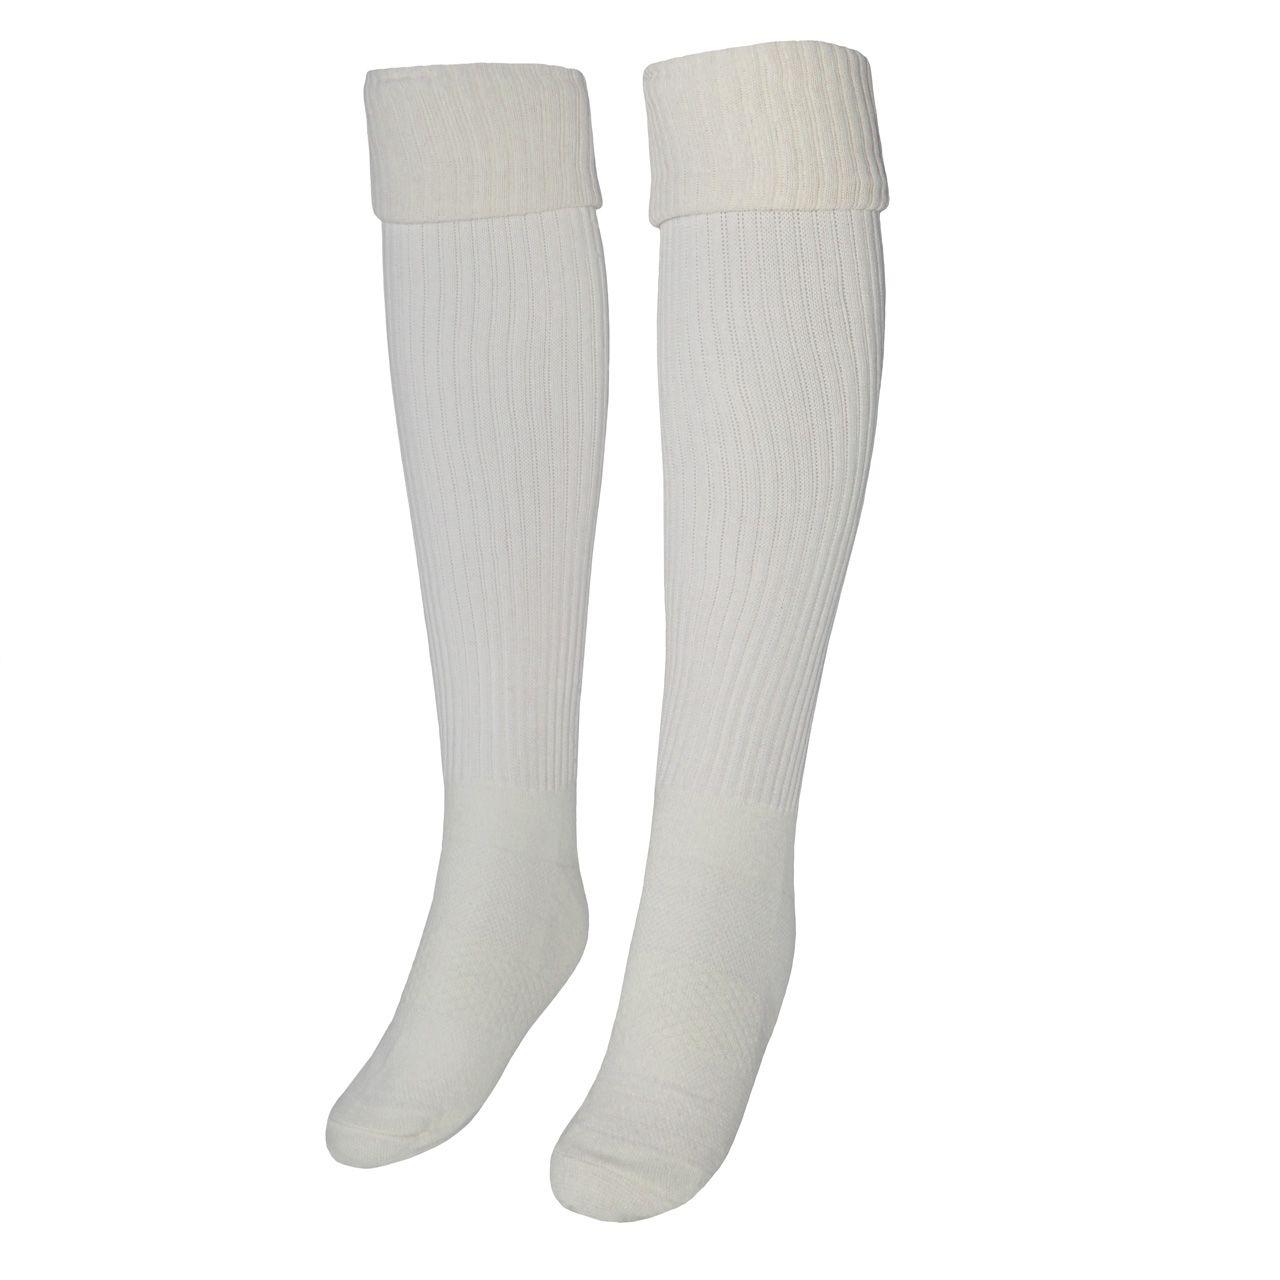 جوراب ورزشی مردانه کد P76 -  - 3